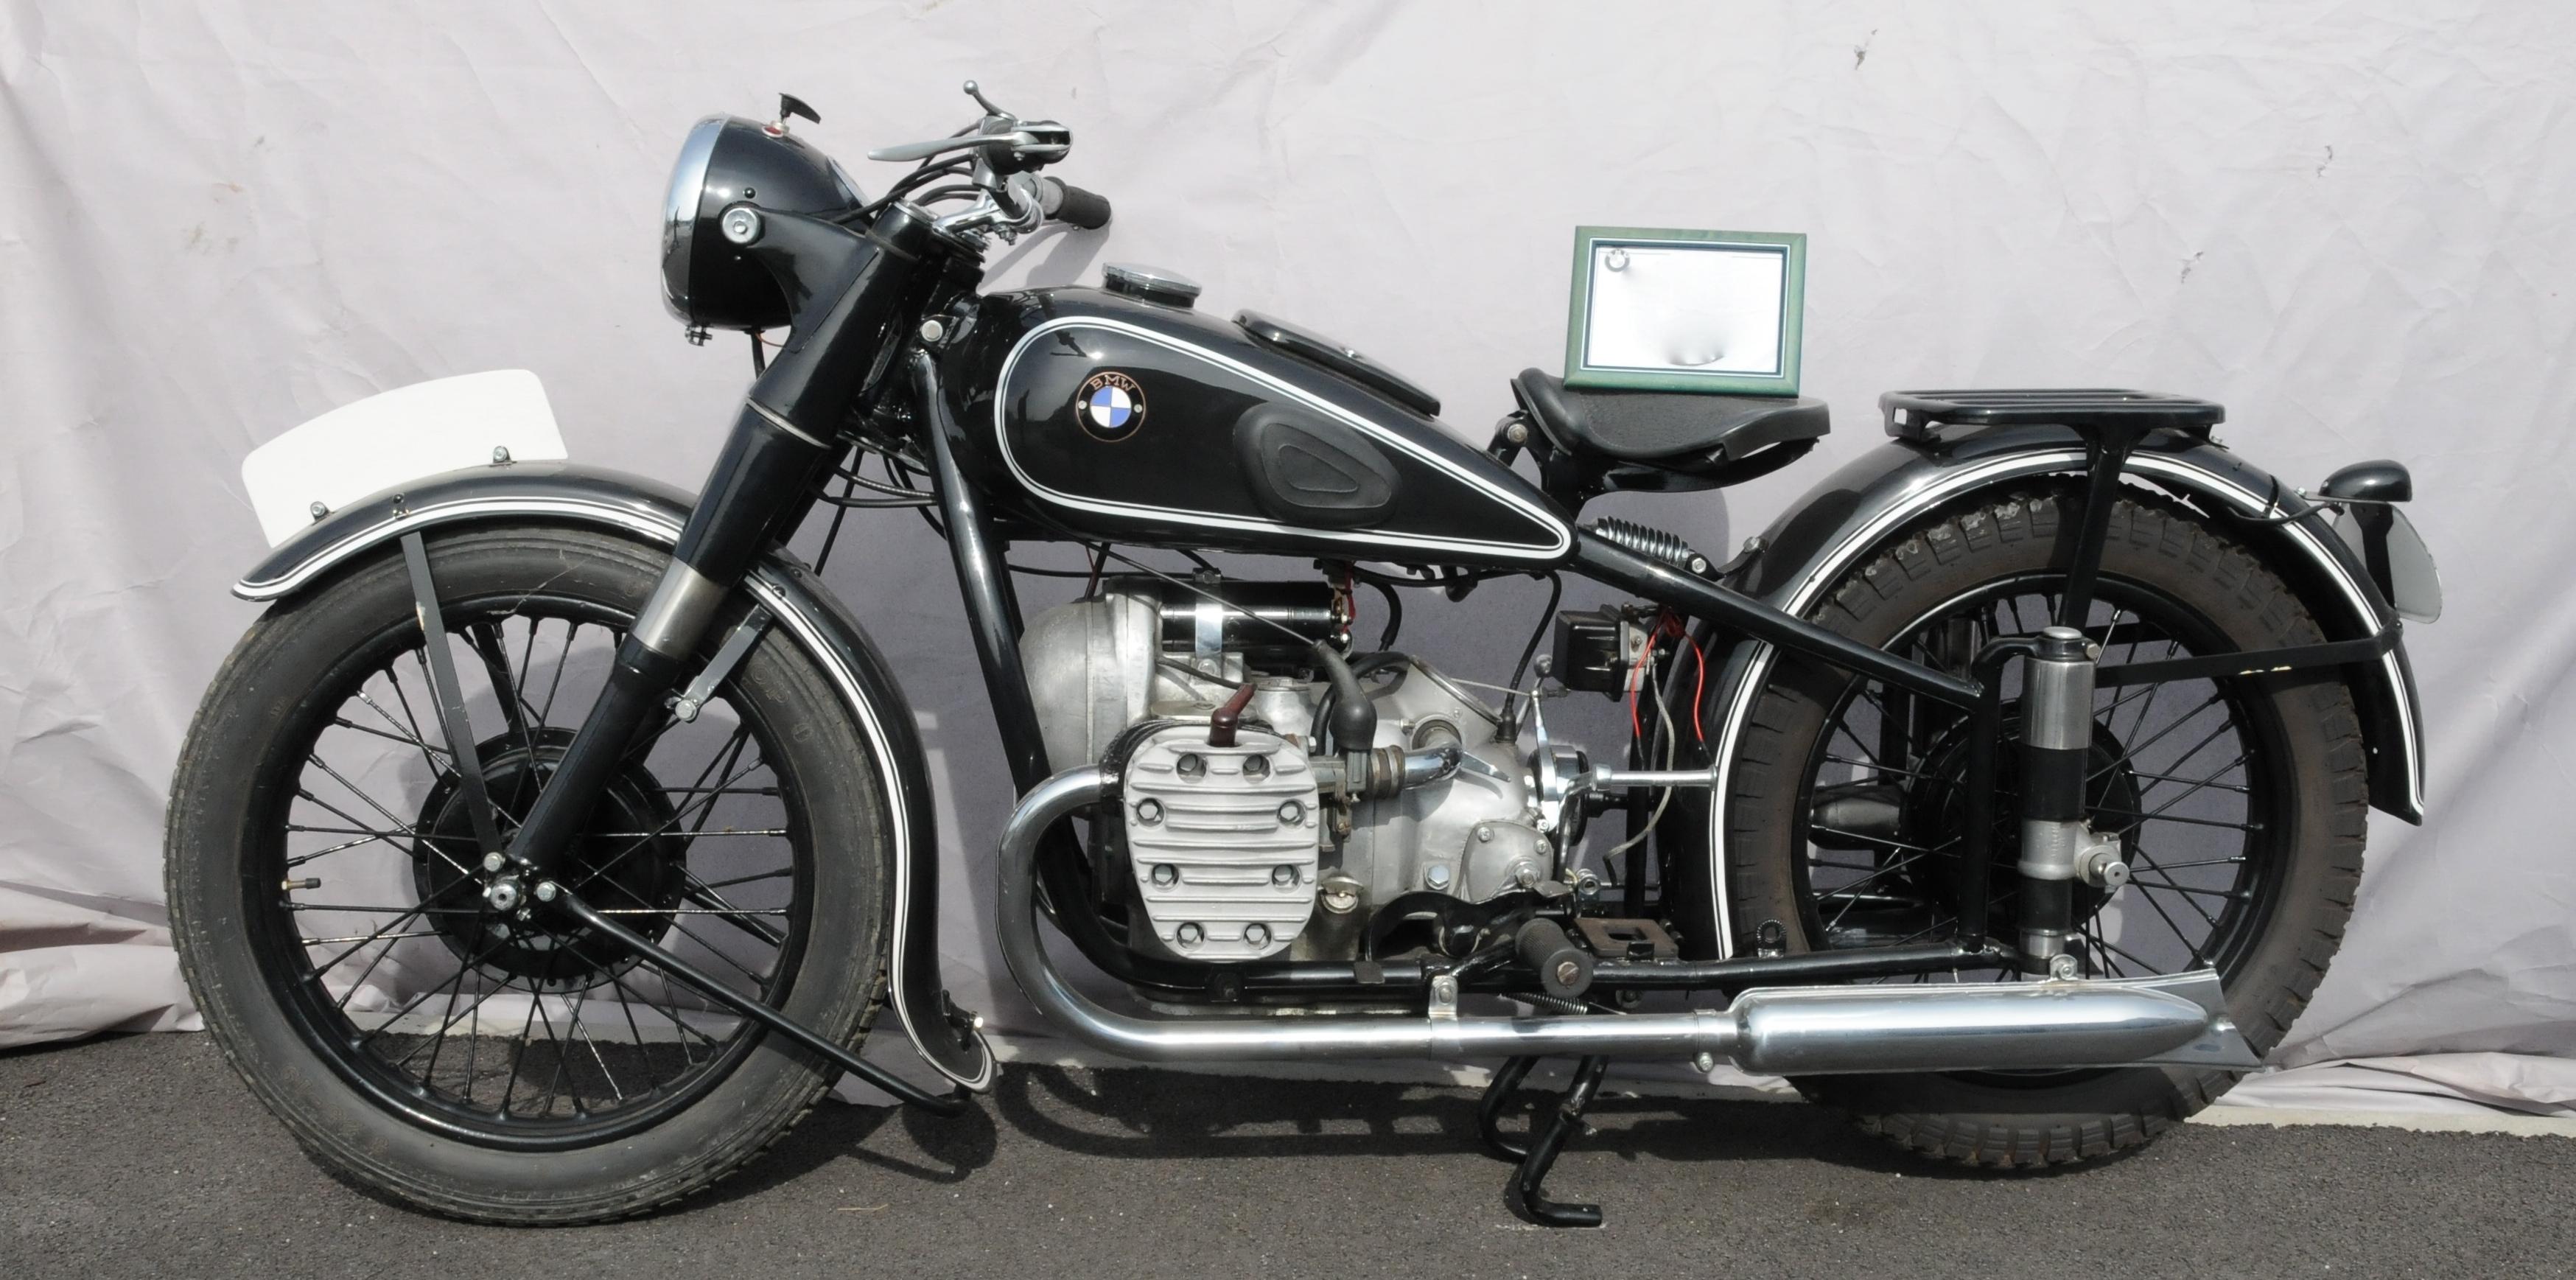 Auction Motos Anciennes  at Salle des Ventes Cappelaere - Prunaux : 86 lots